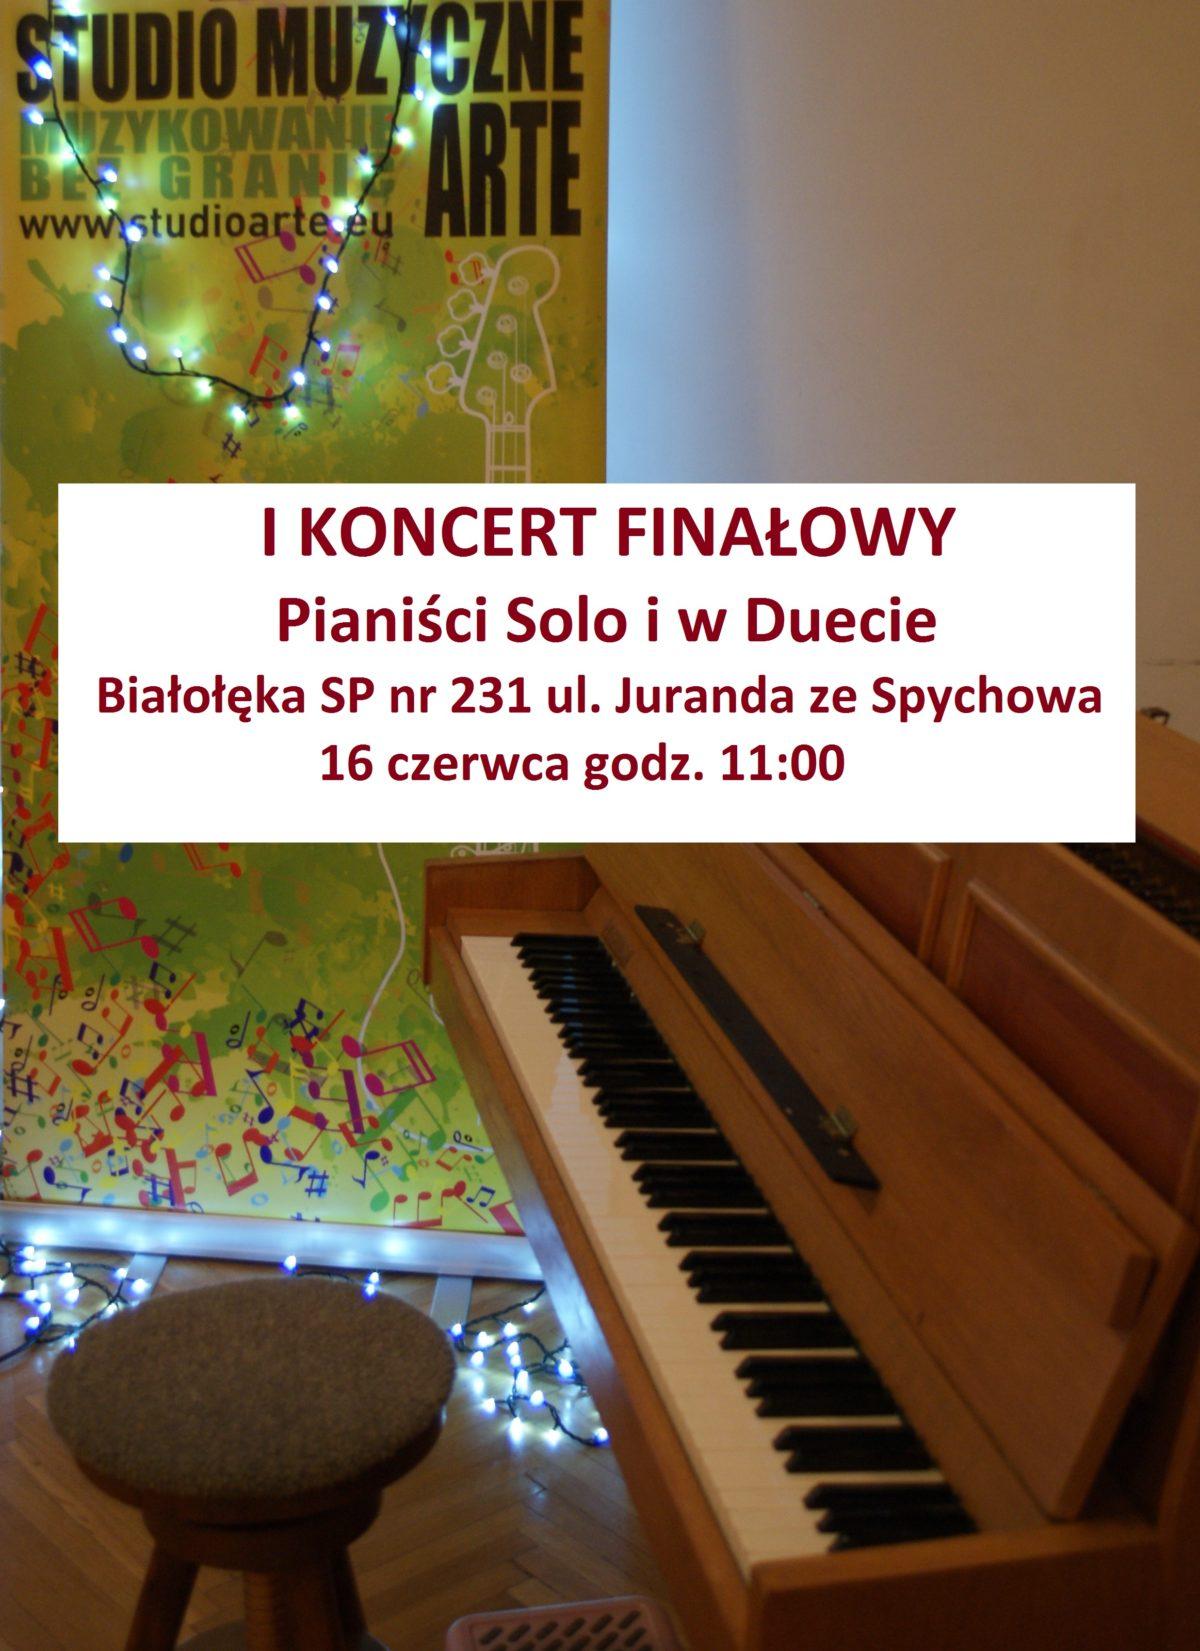 I Koncert Finałowy 16.06. godz. 11:00